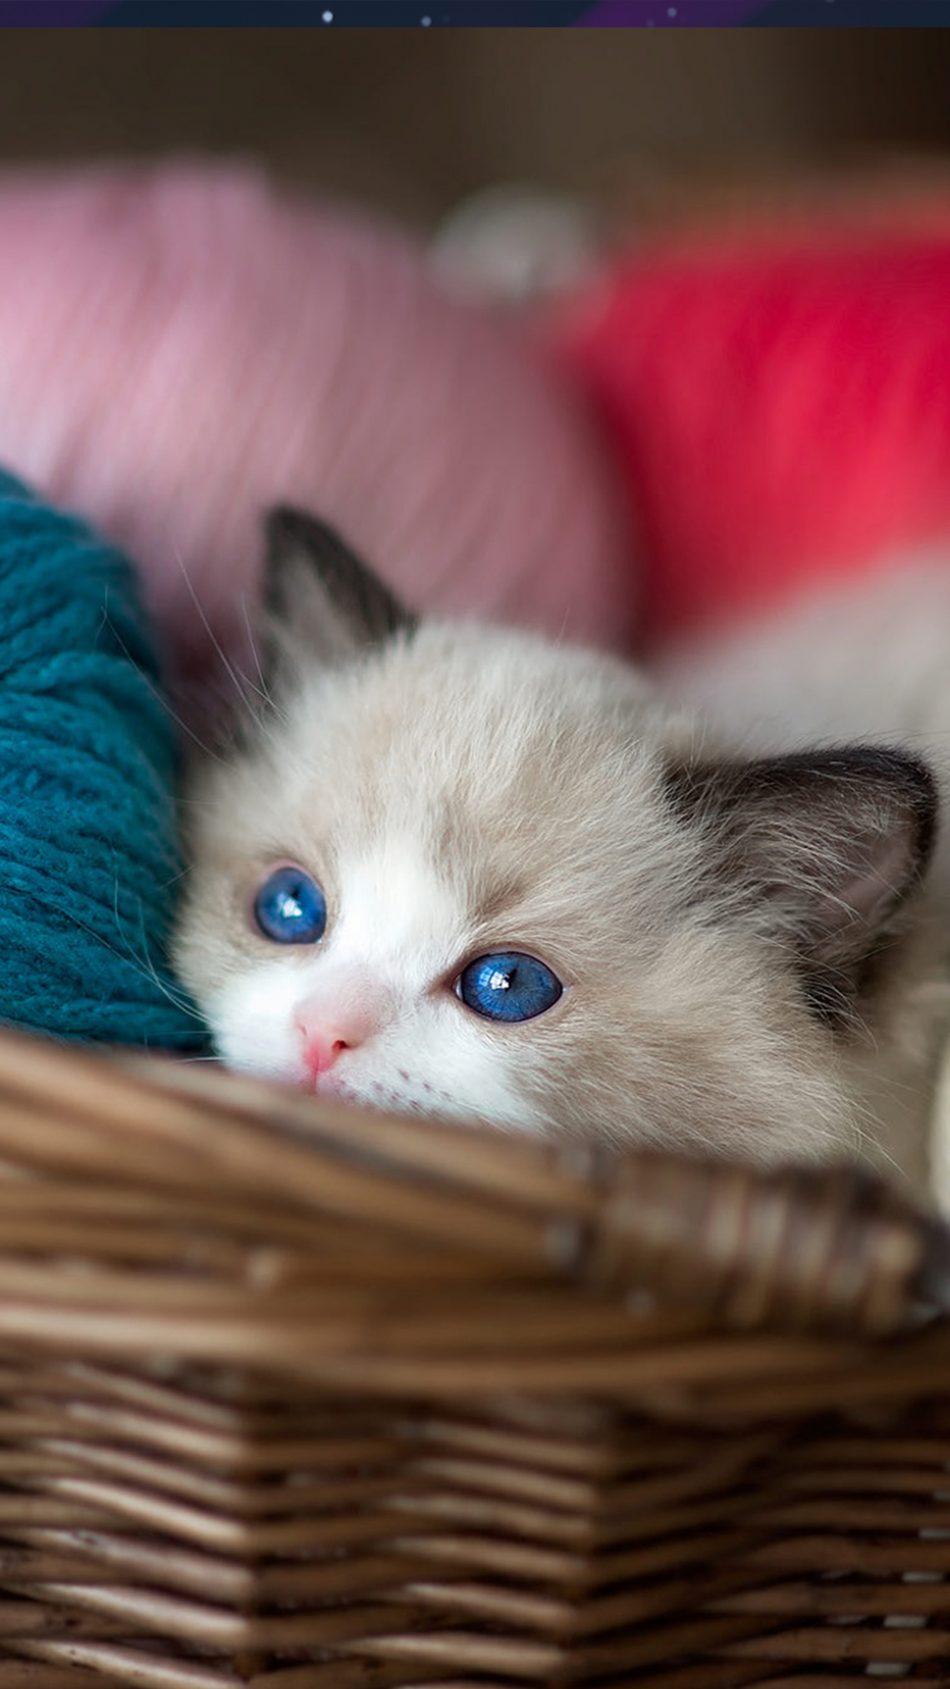 Kitten Blue Eyes Wool Balls 4K Ultra HD Mobile Wallpaper